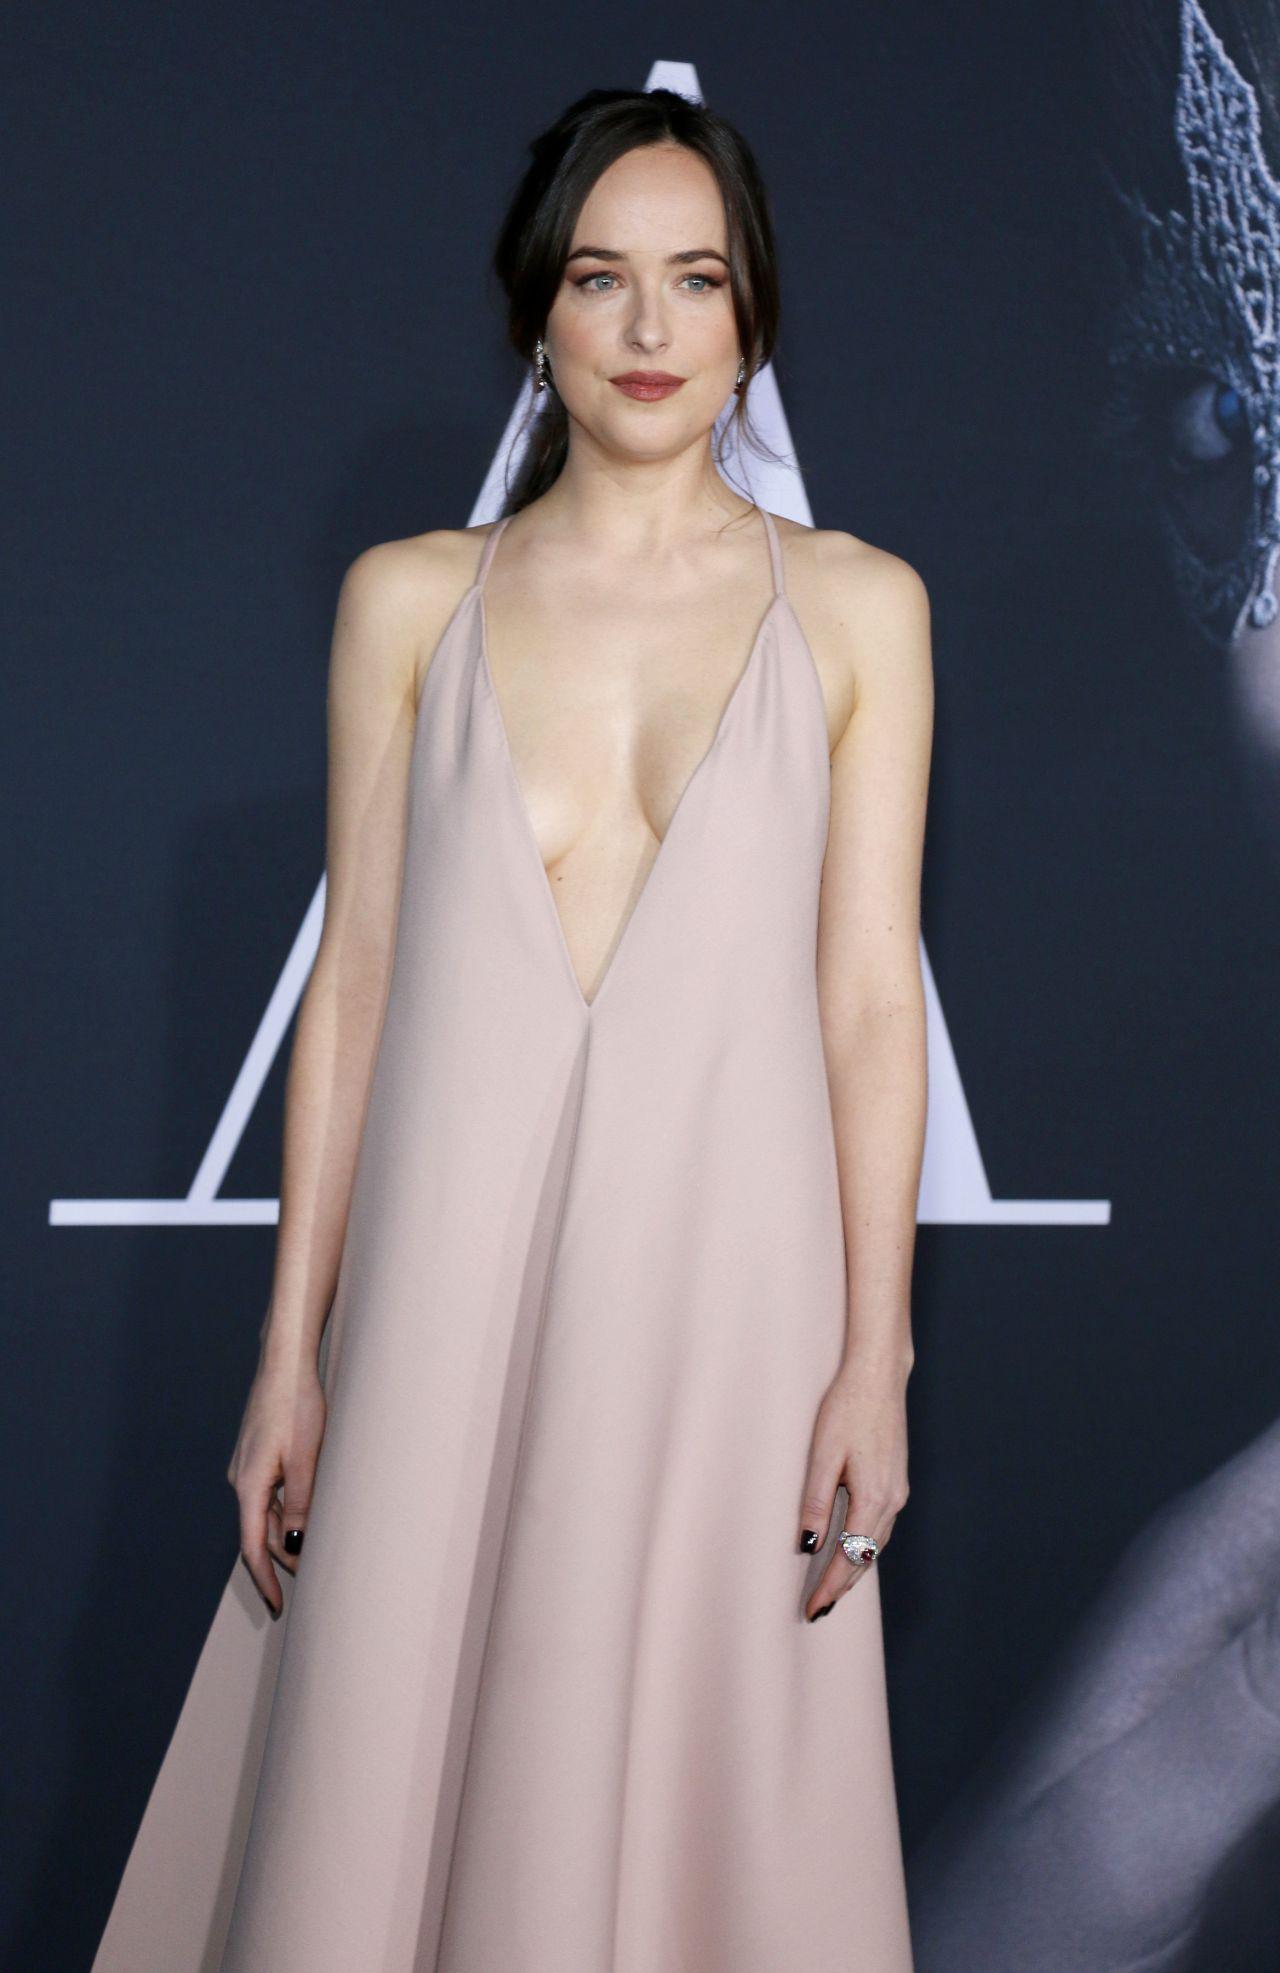 Dakota Johnson - Fifty Shades Darker Premiere in Los